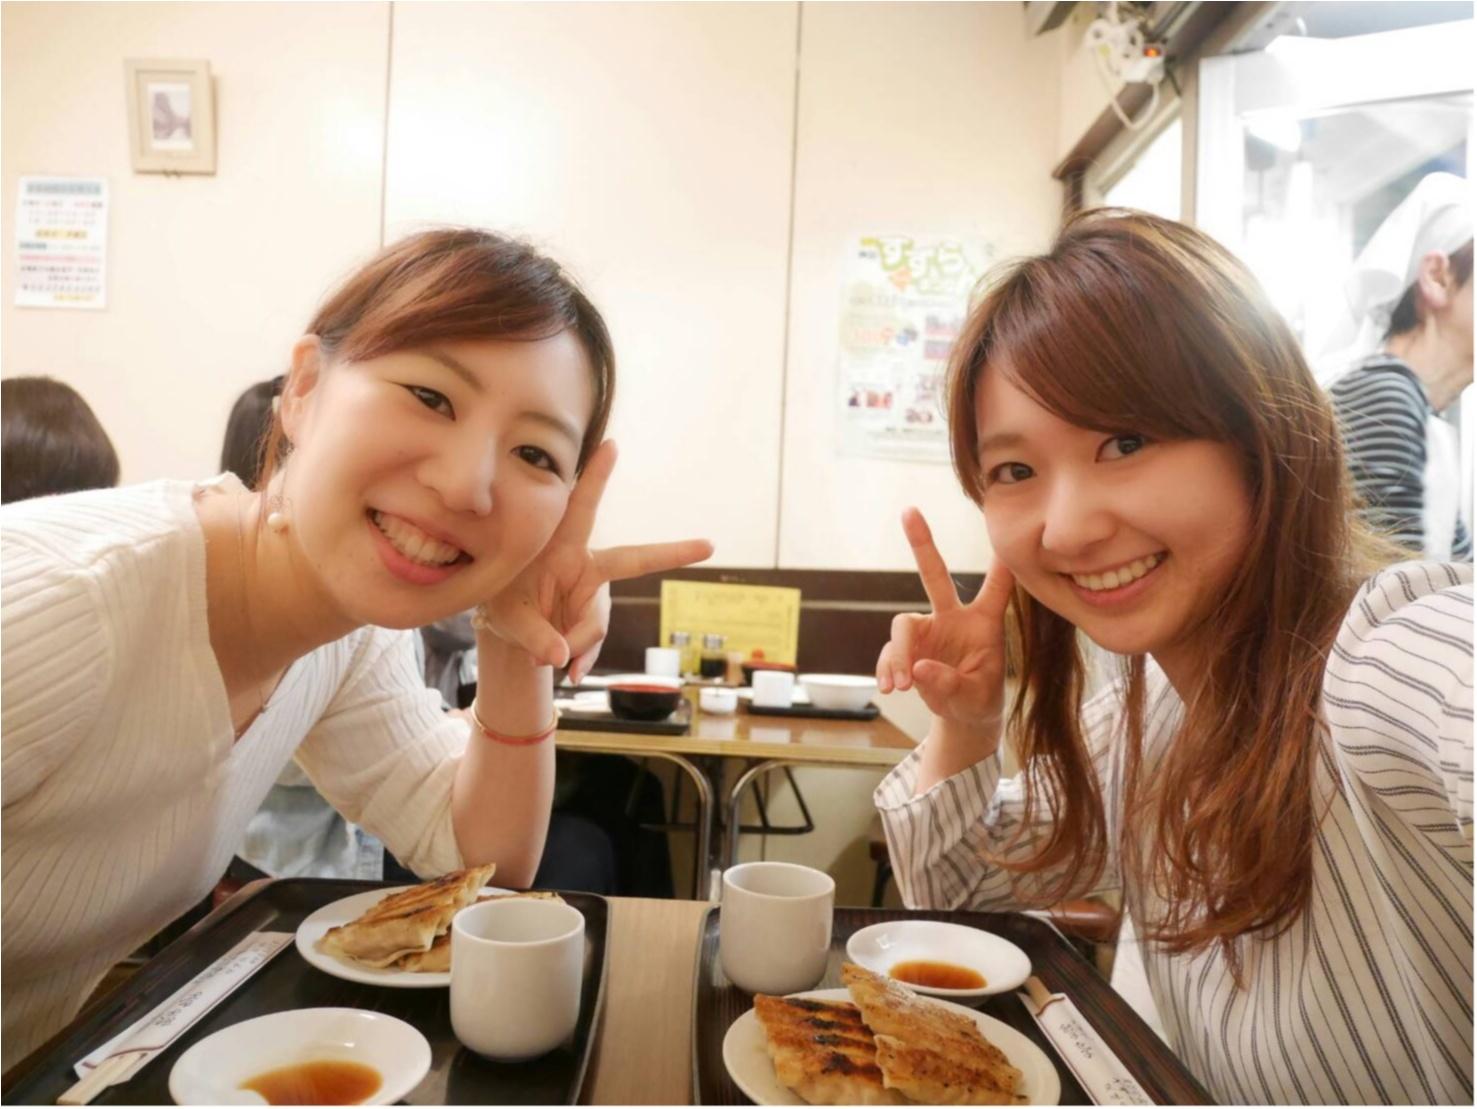 【また食べたい】佐藤ありさちゃんも食べていた美味しすぎる麻婆麺。_3